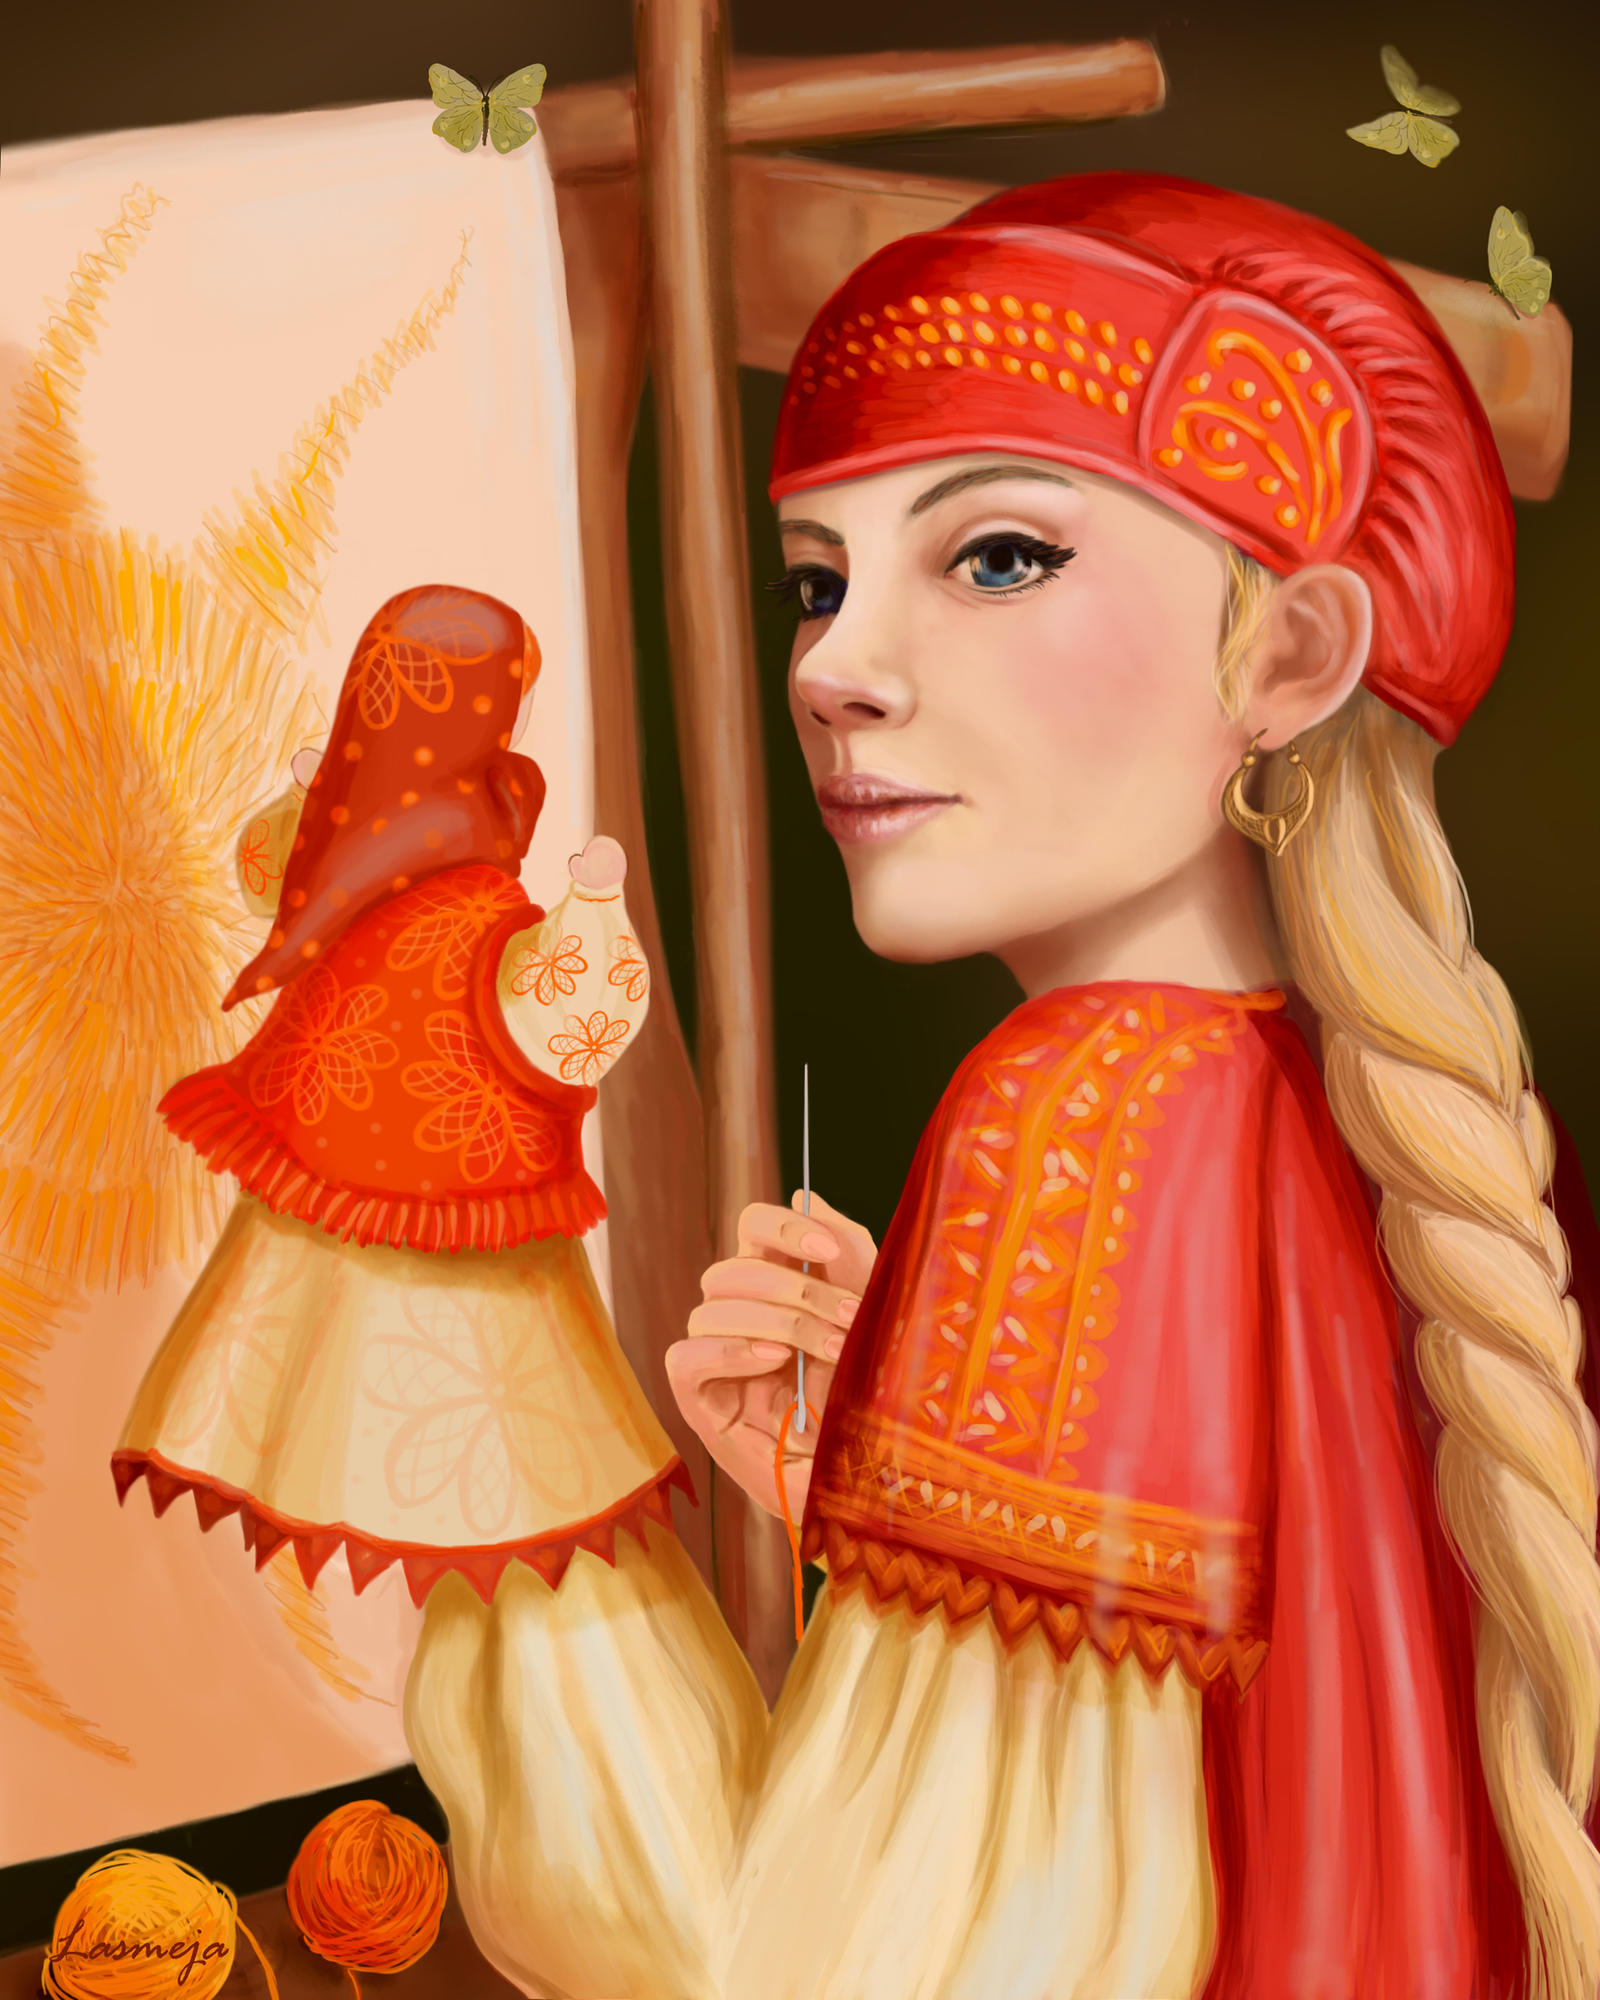 Vasilisa the Wise by LasmejaLora